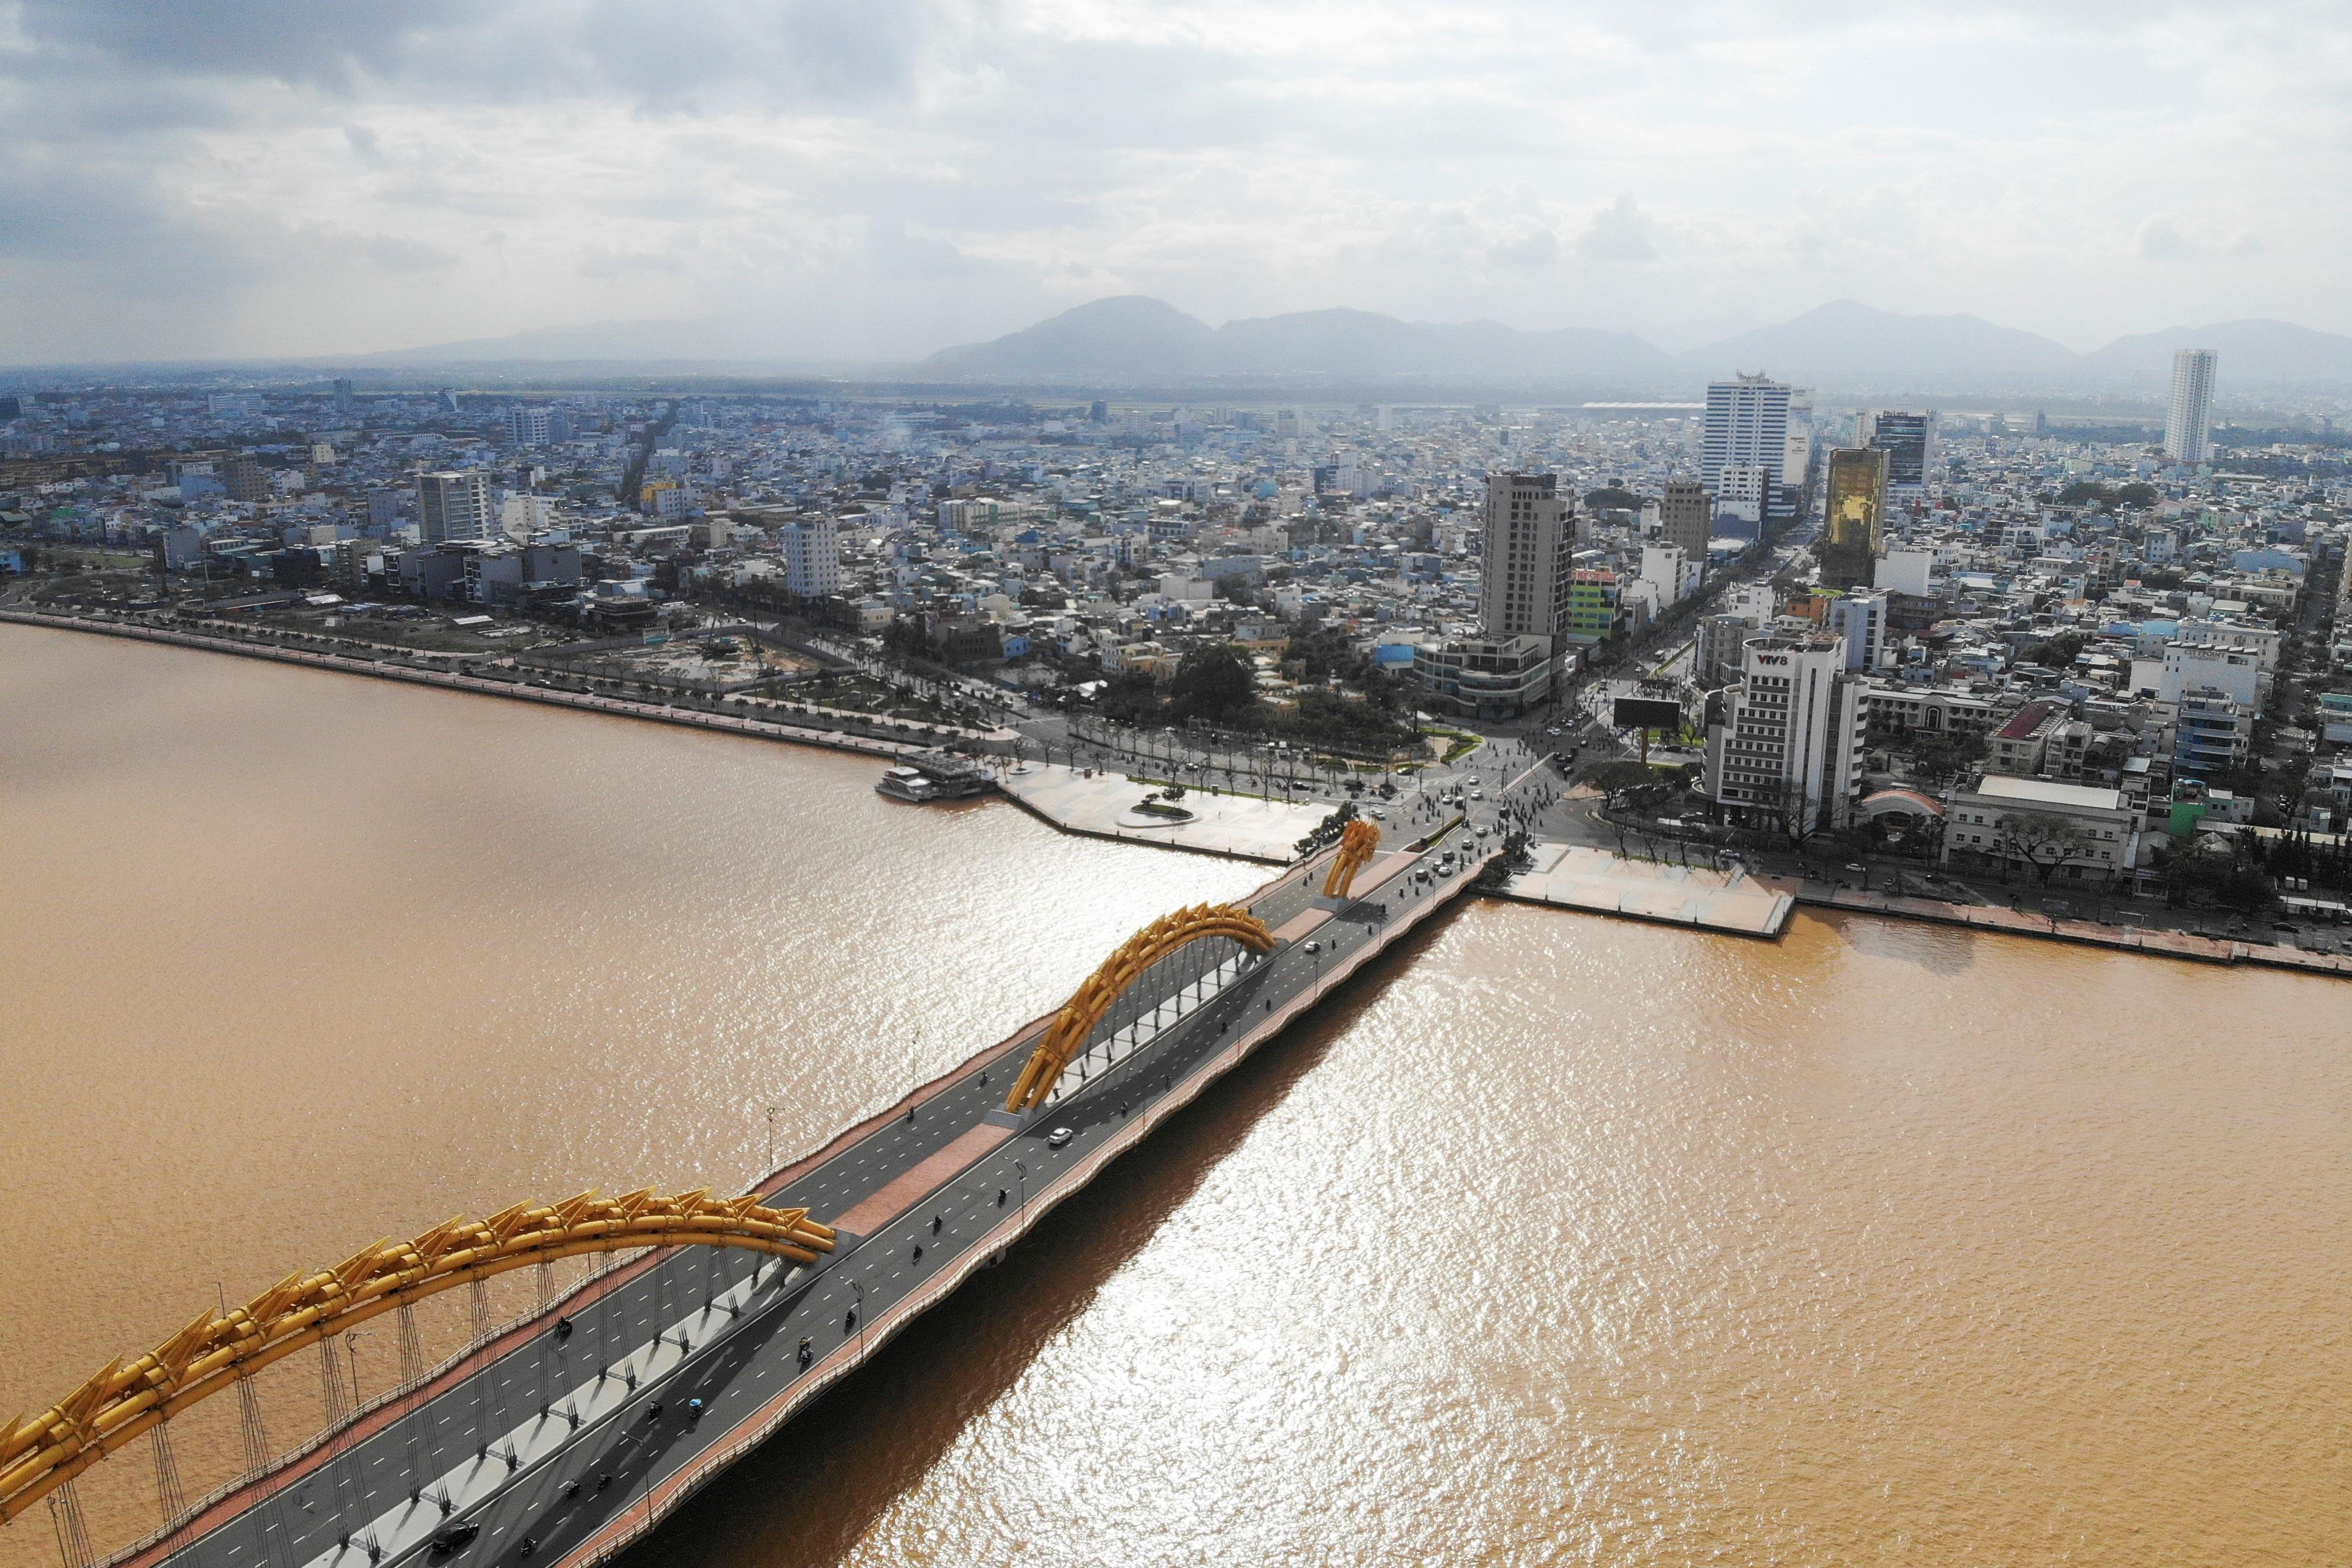 Đà Nẵng công bố những dự án cho phép người nước ngoài sở hữu nhà ở